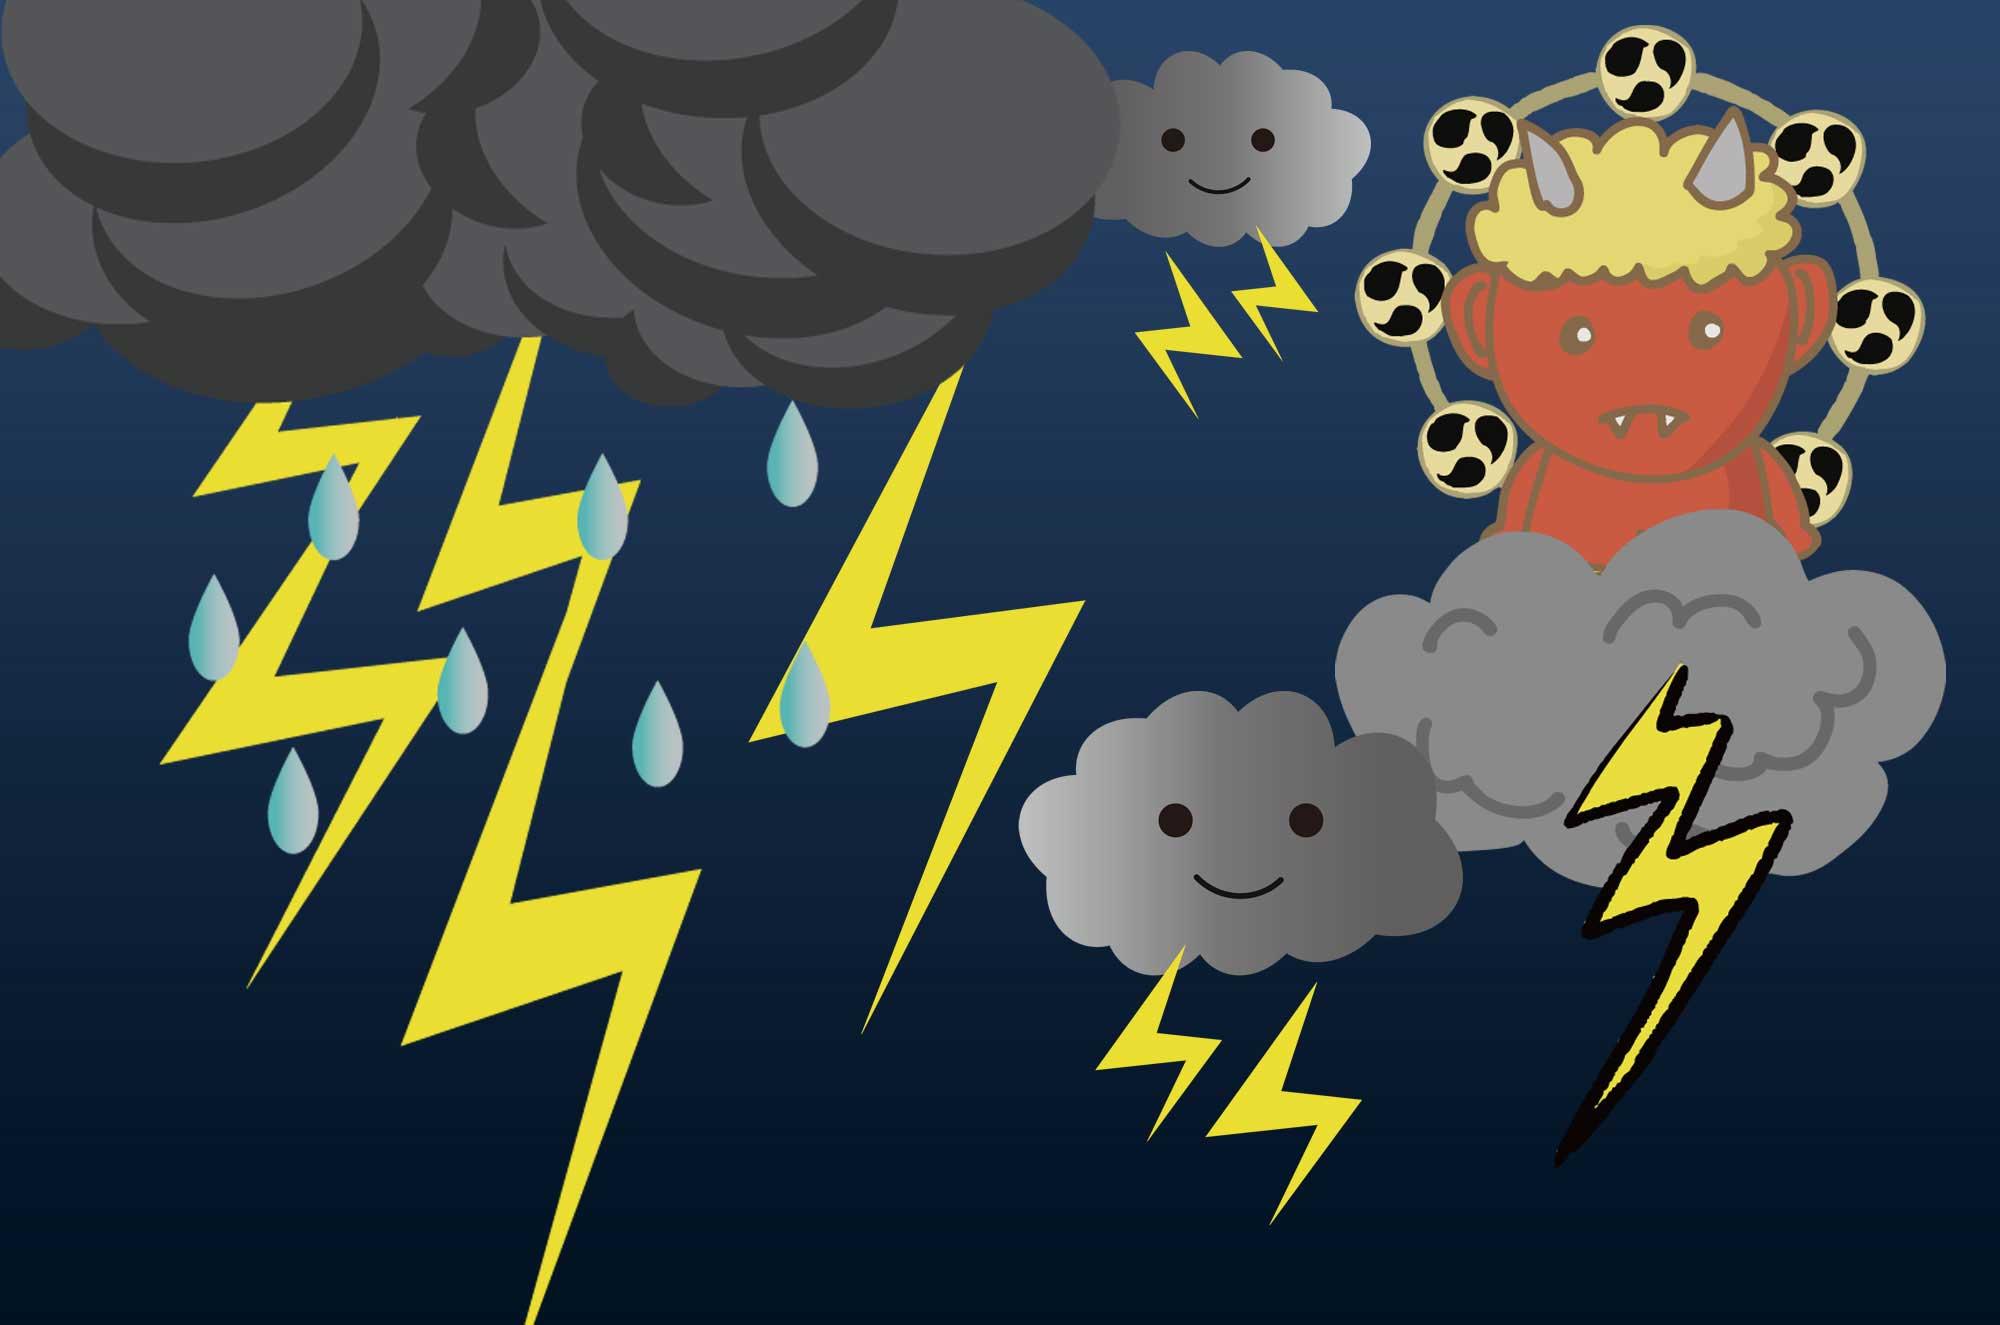 雷のイラスト - 可愛い雷神と雲と稲妻の自然無料素材